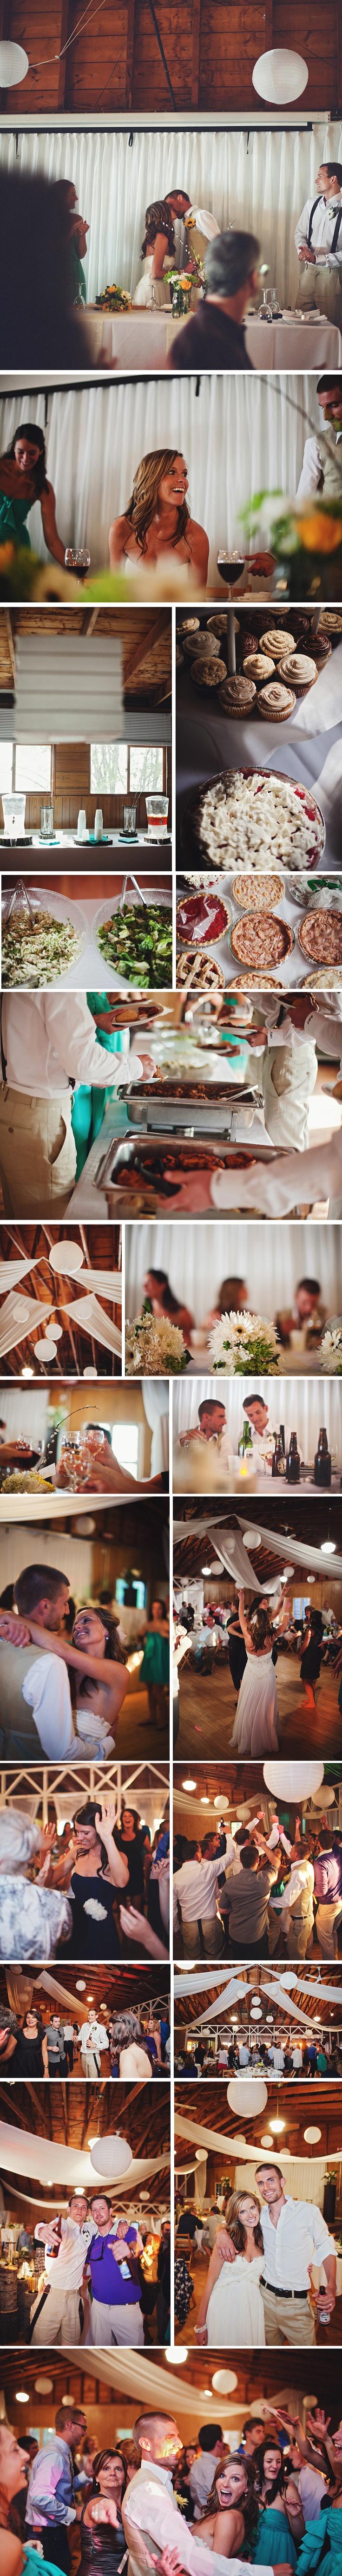 12de5ae1960e55ef22e108c24af06477  beach club wedding locations - Beach Wedding